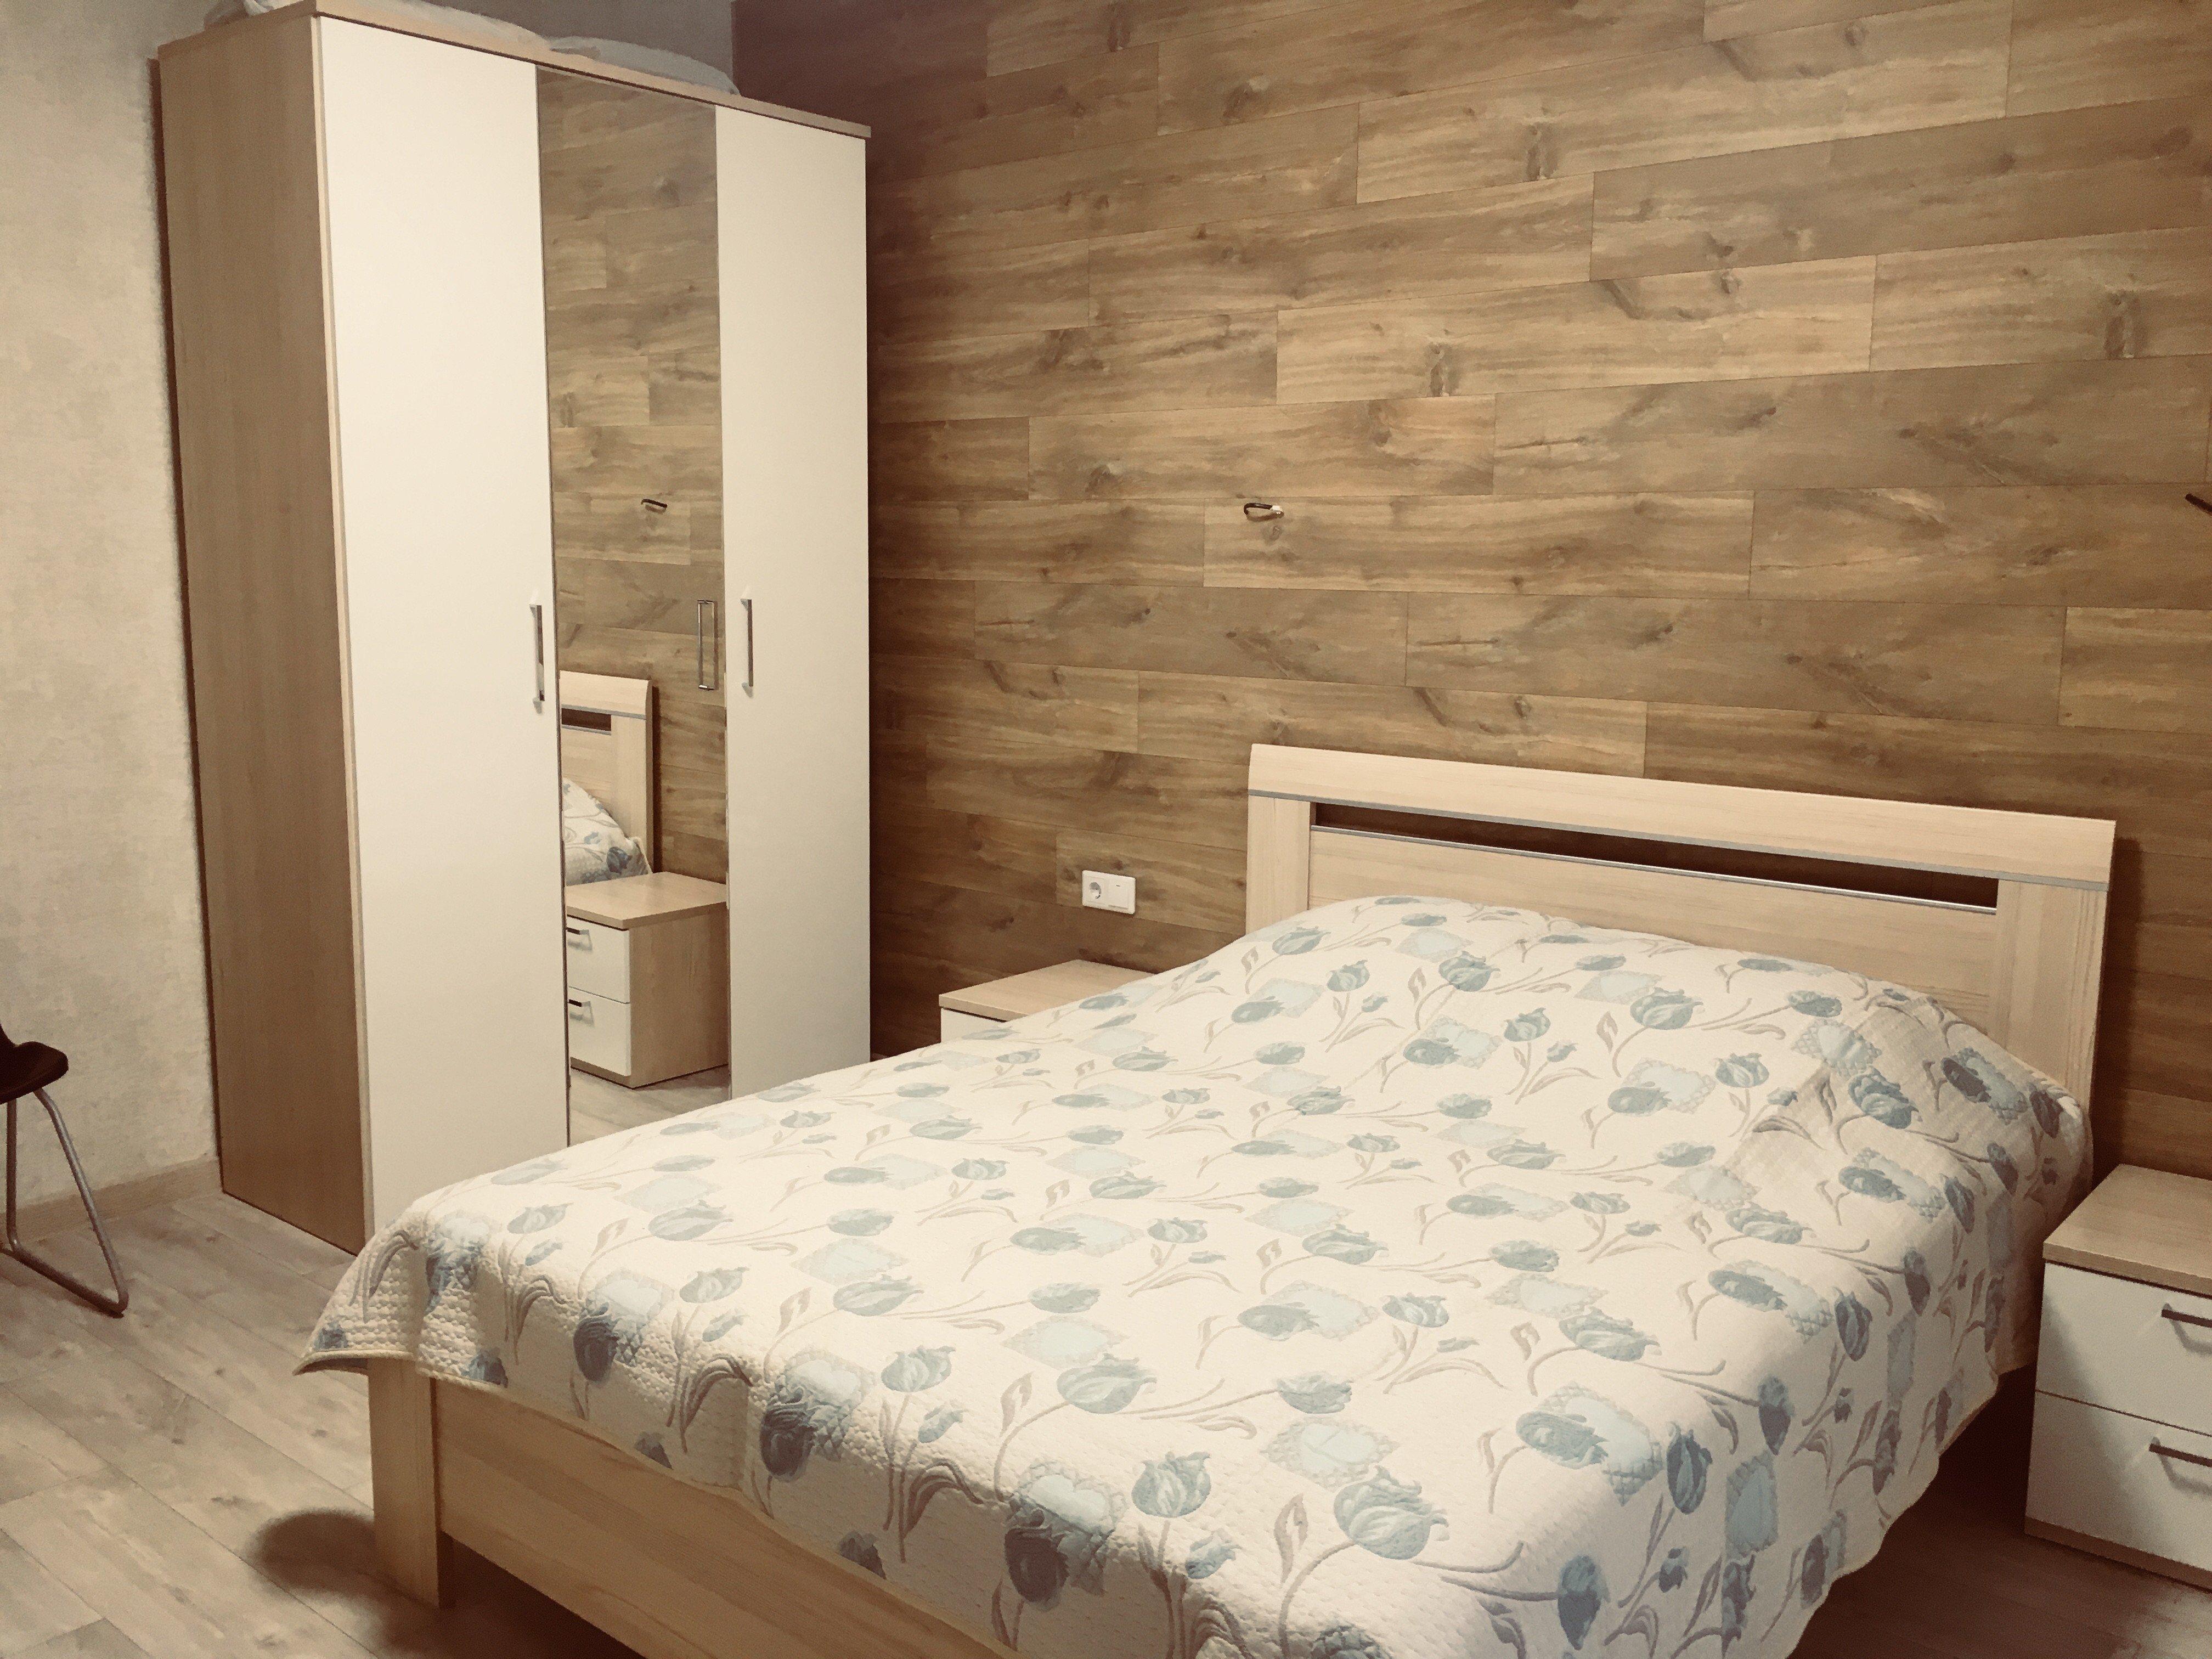 Апартаменты Ленина 73 спальня + студия